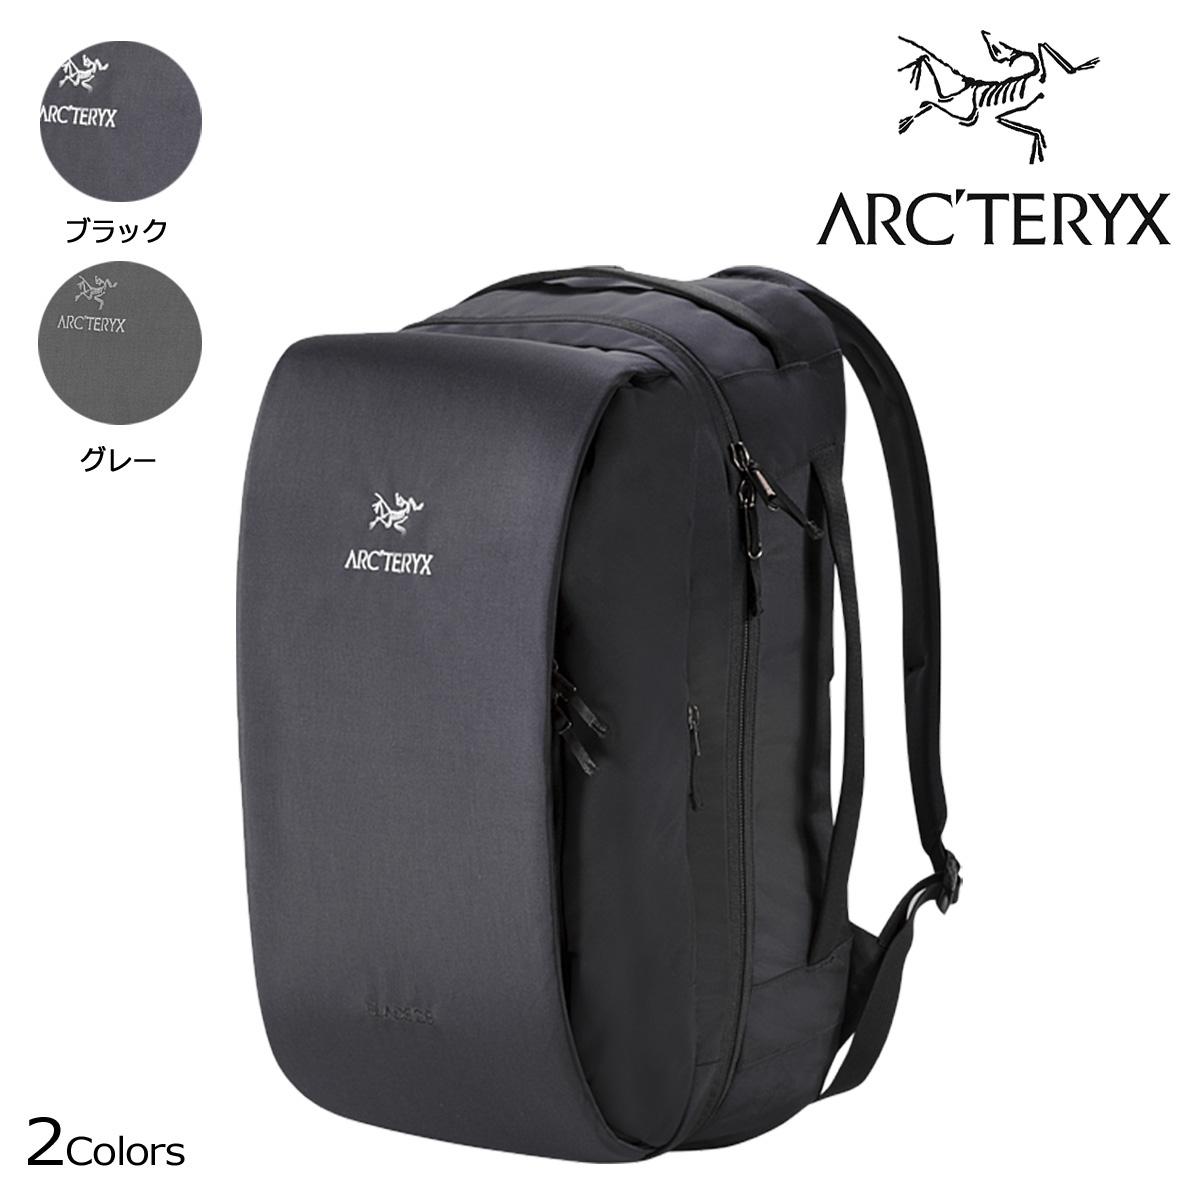 アークテリクス ARCTERYX リュック バッグ バックパック メンズ BLADE 28 BACKPACK 28L ブラック グレー 黒 16178